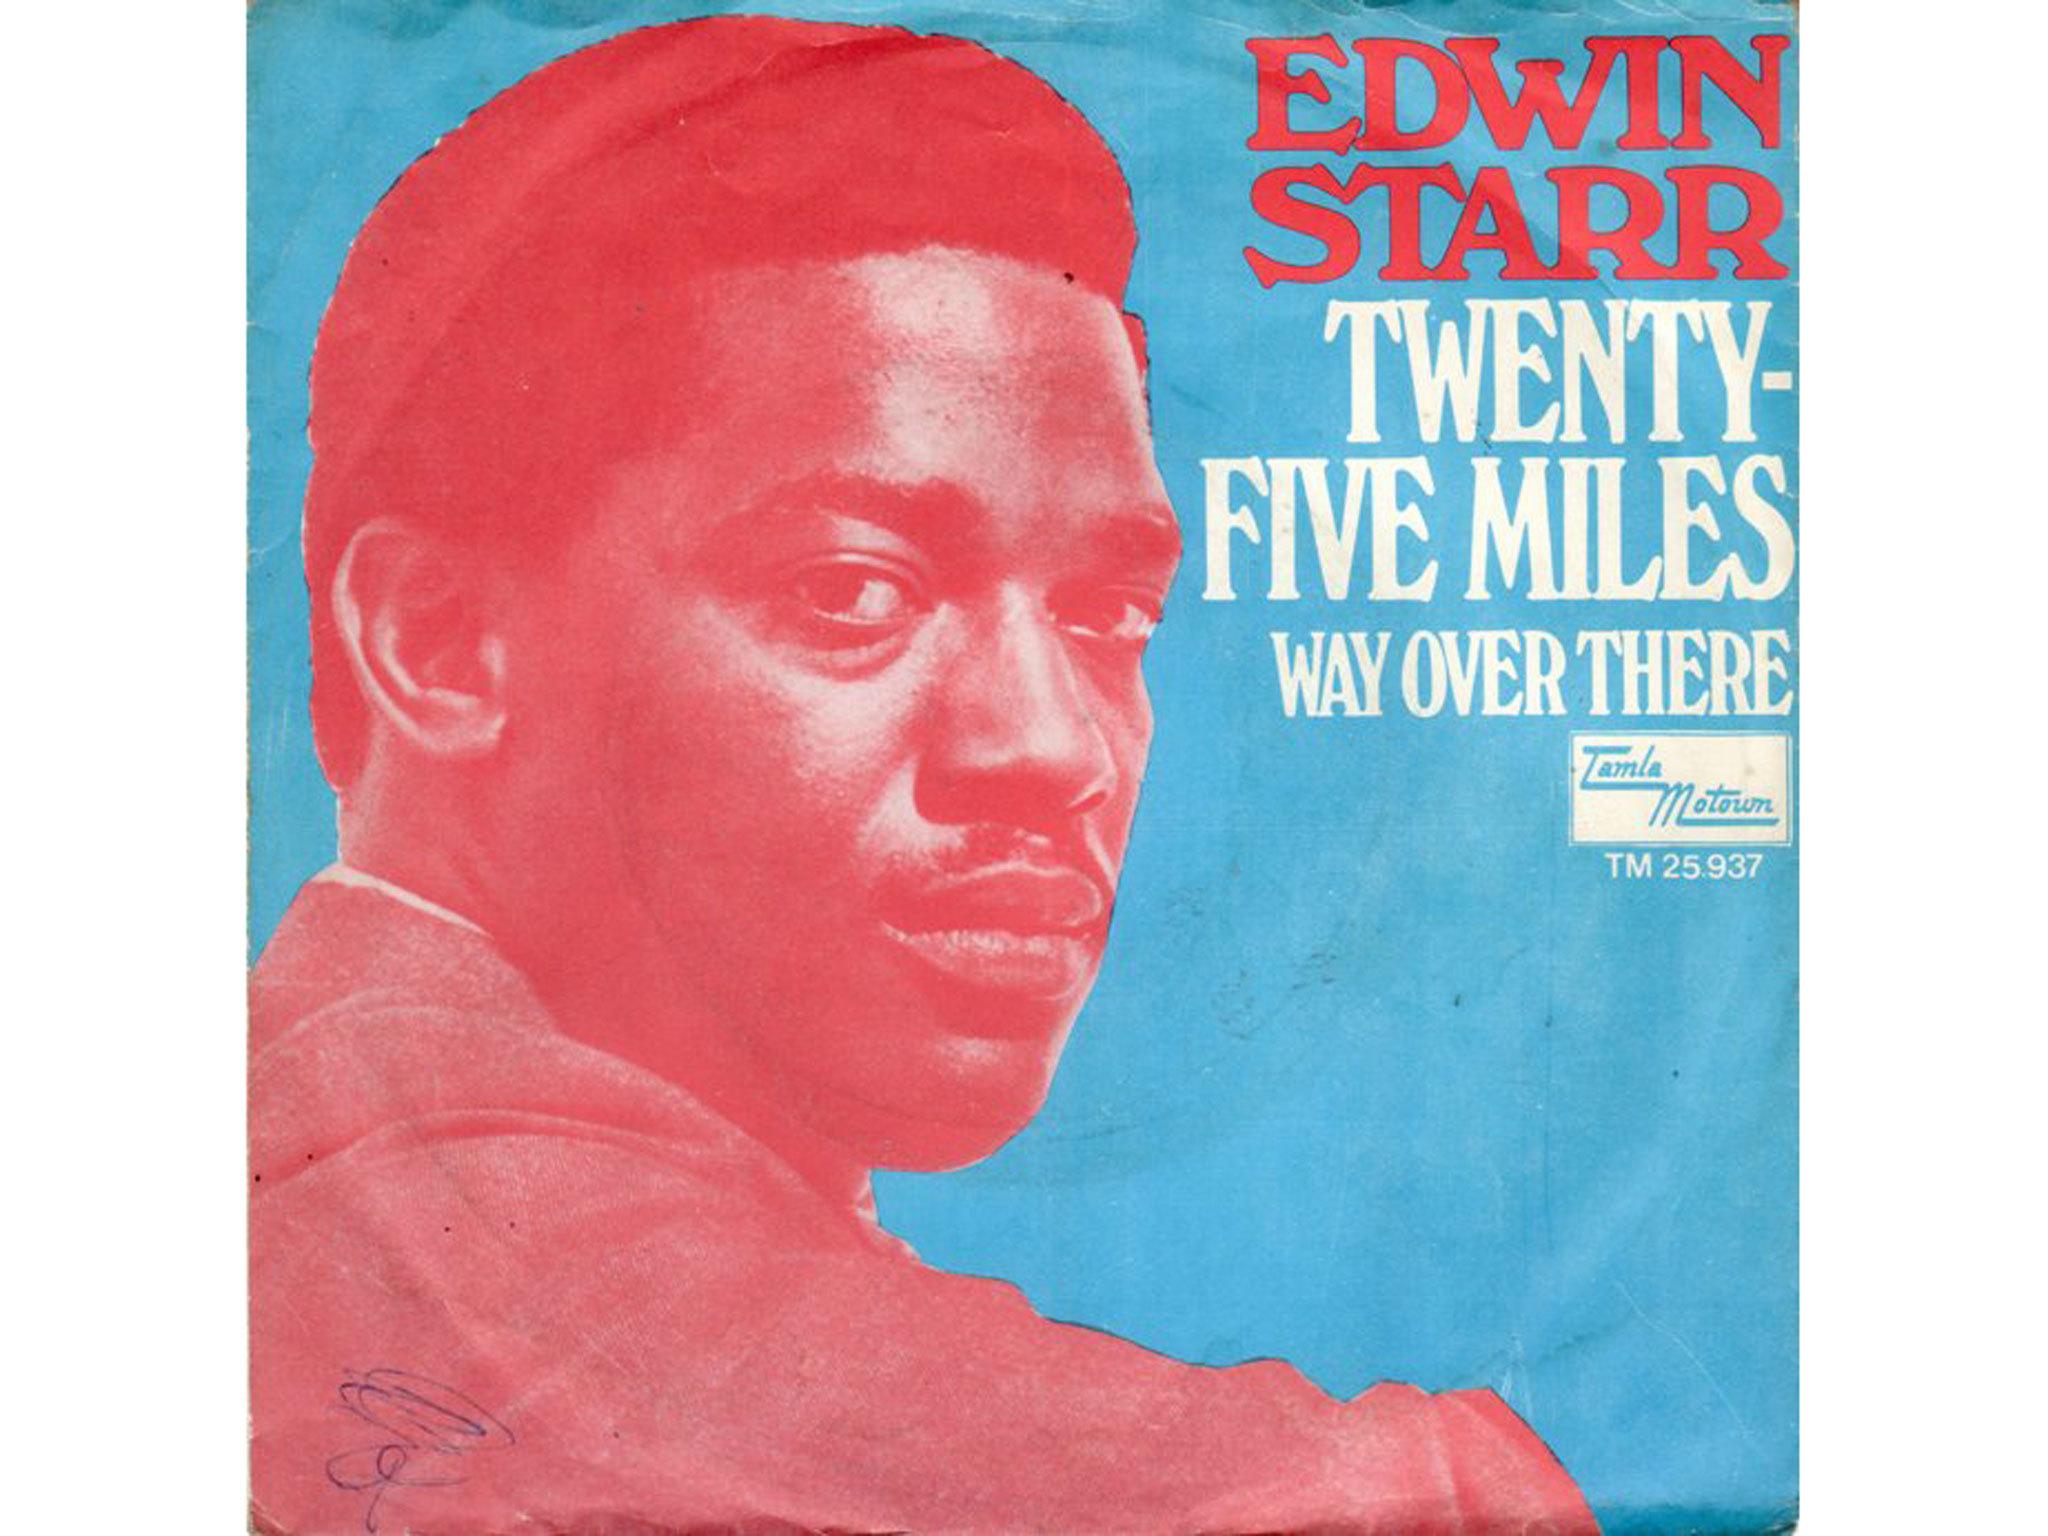 Edwin Starr, 25 miles, best soul songs